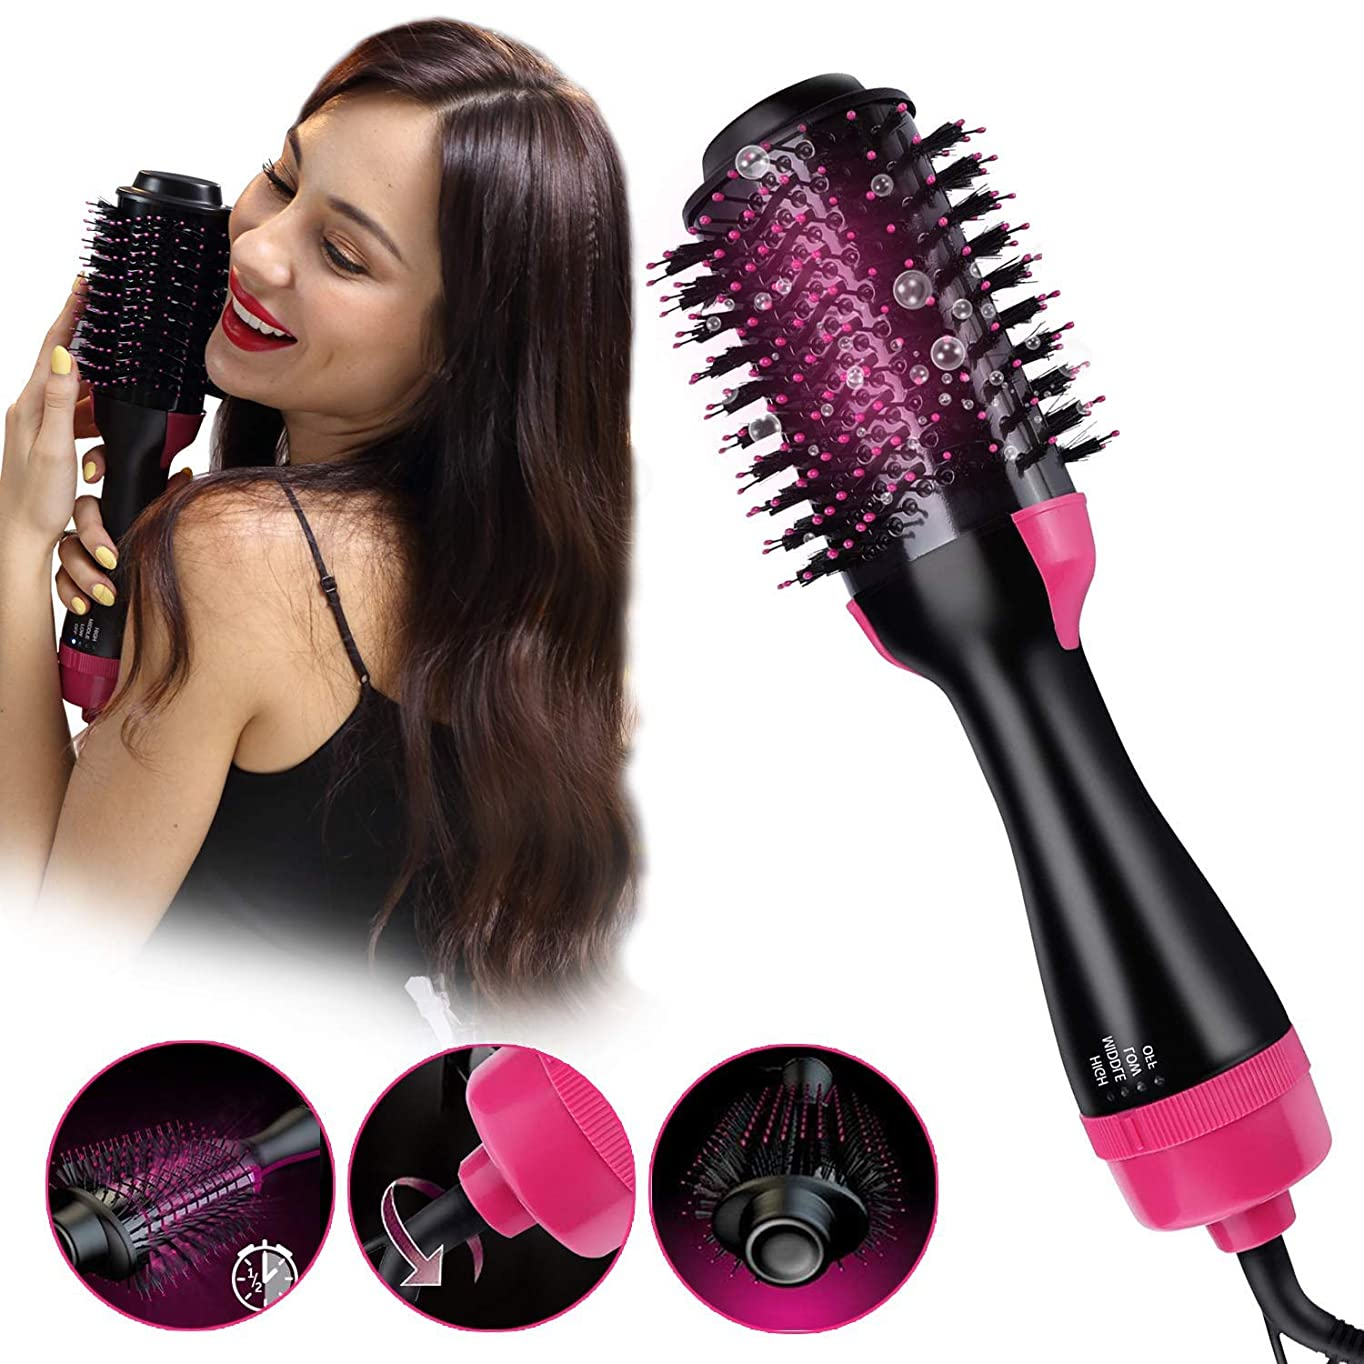 リファイン破産流体OULYO- ホットエアーブラシ、ワンステップヘアドライヤー&ボリューマイザースタイラーブラシ、2 in 1マイナスイオン矯正ブラシサロン、カーリーヘアコーム、すべての髪に効果的